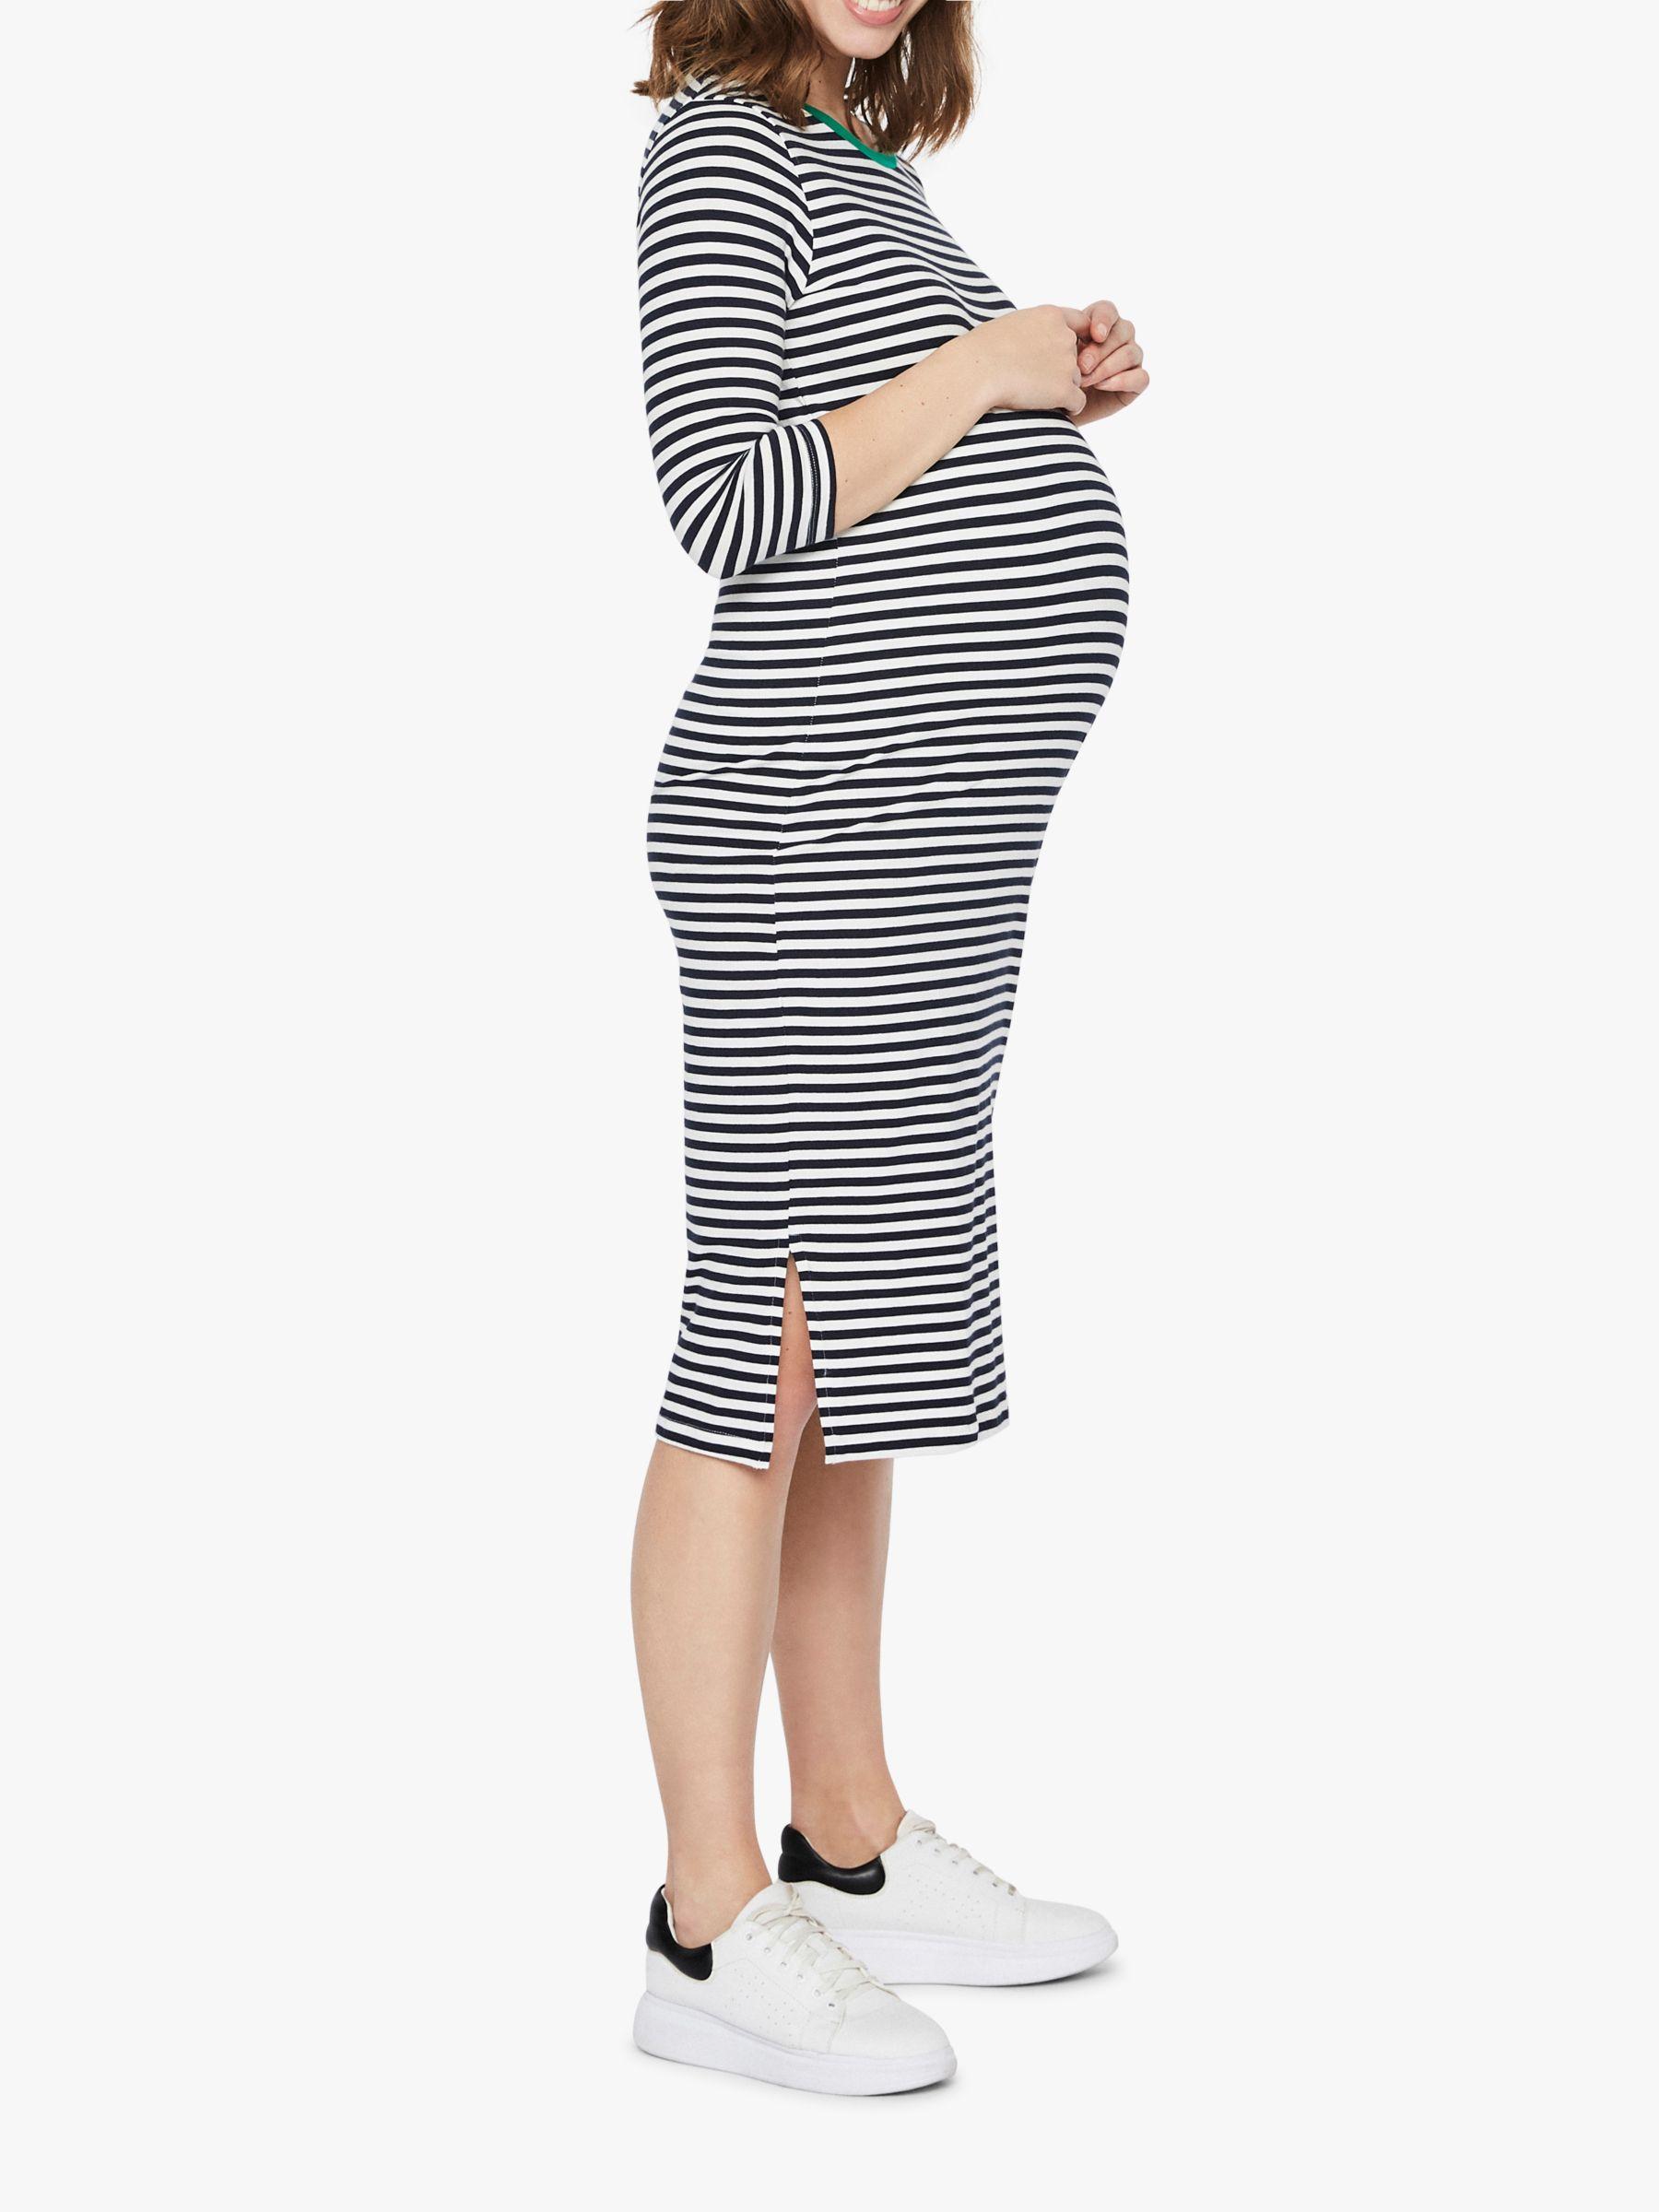 Mamalicious Mamalicious Gina Striped Jersey Maternity Dress, Navy